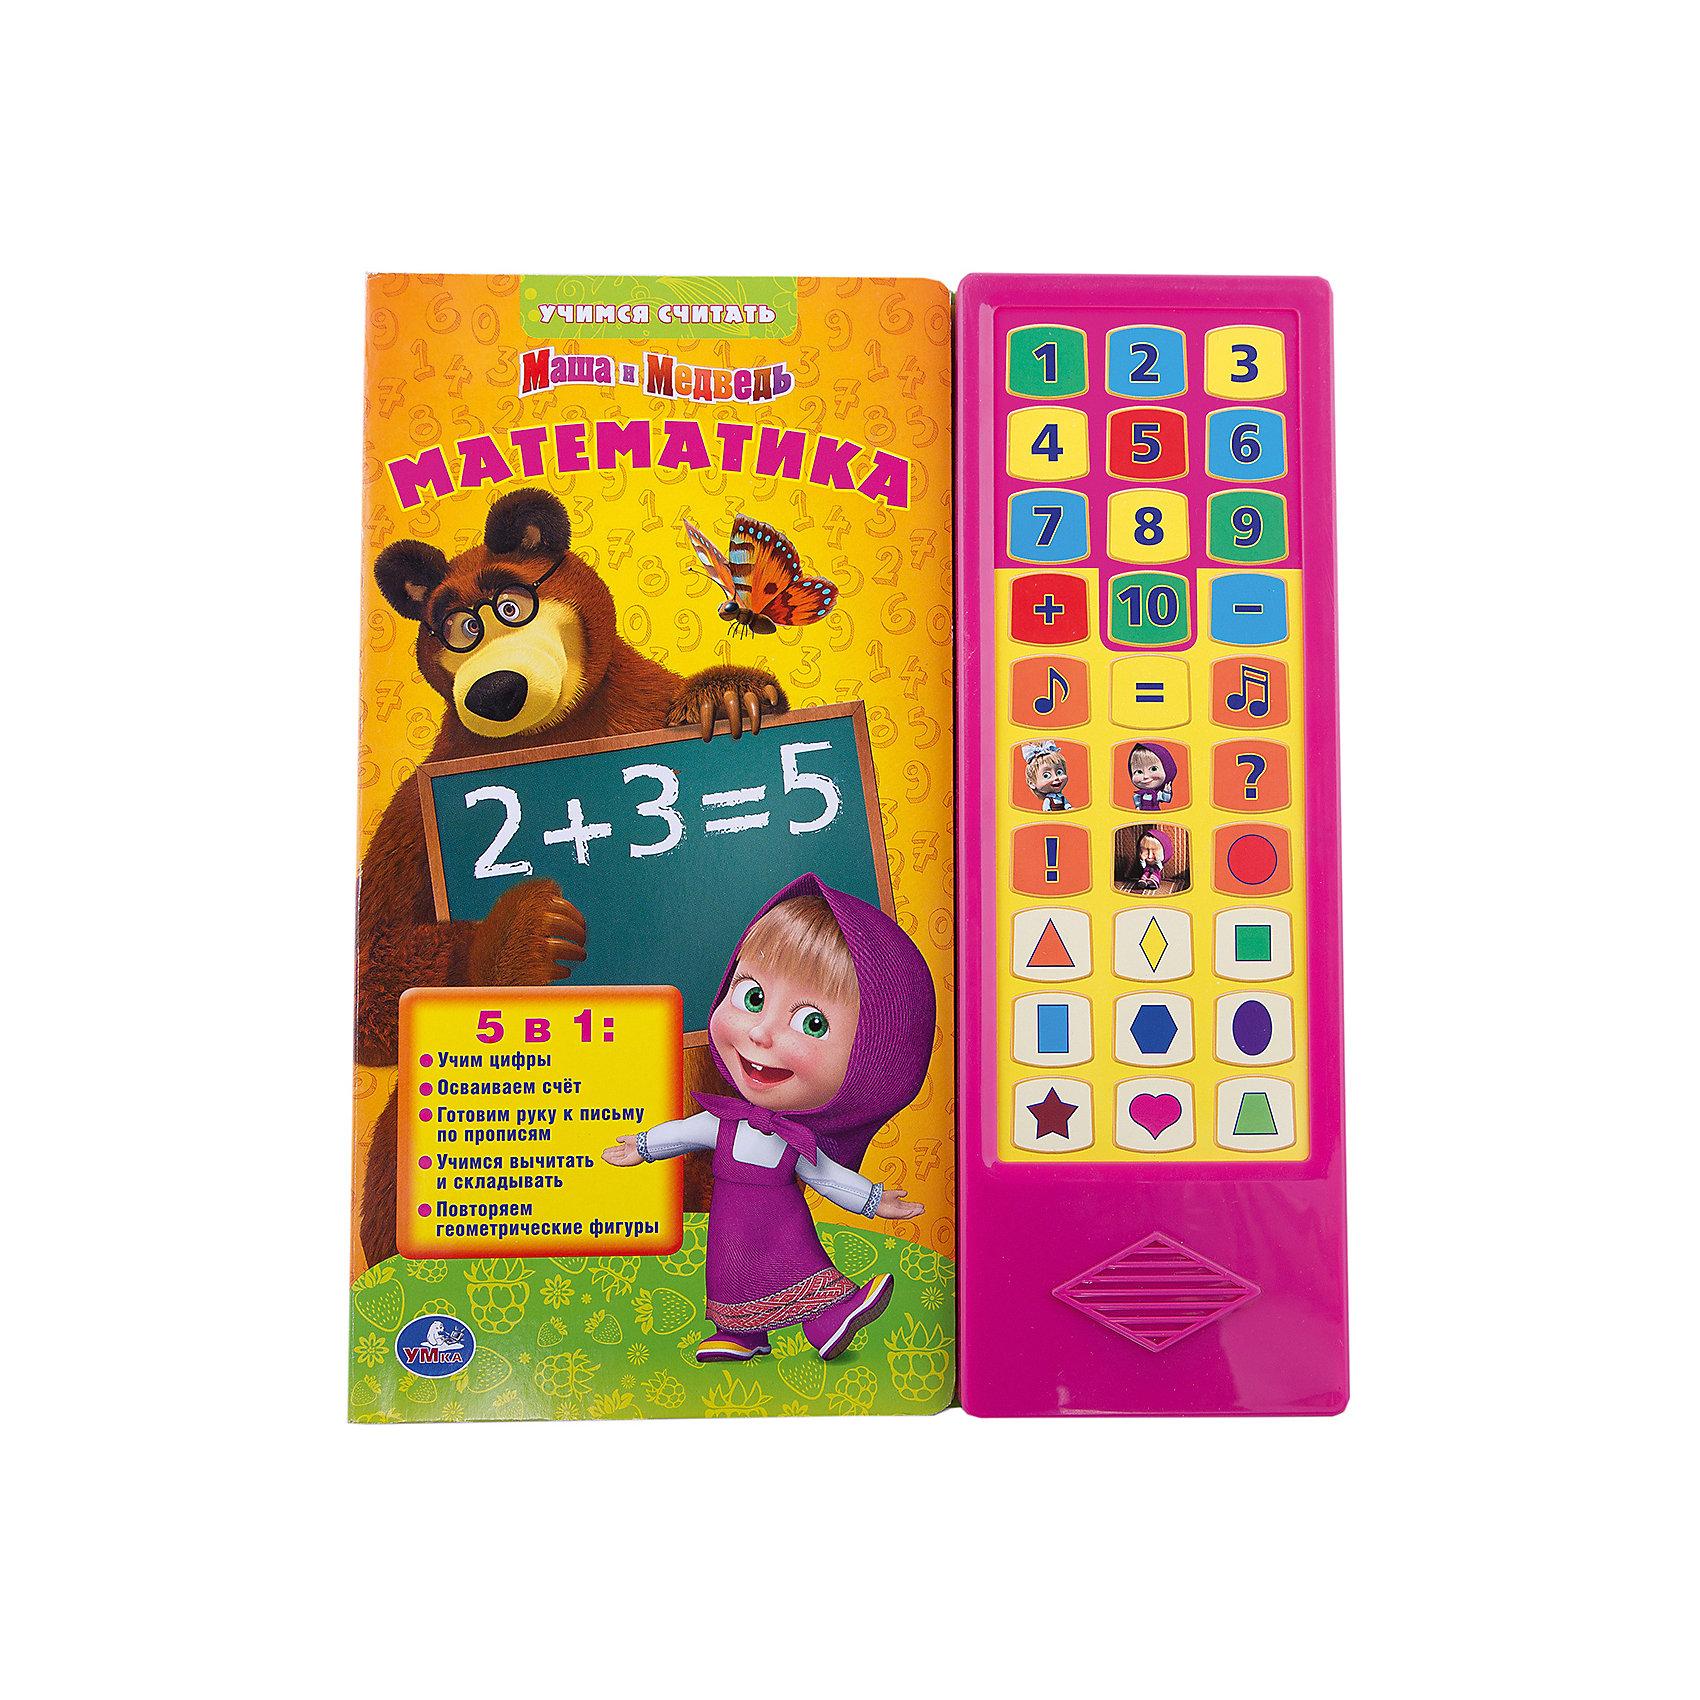 Книга с 30 кнопками Математика, Маша и МедведьОбучение счету<br>Книжка Математика, Маша и Медведь - замечательный подарок для малыша. Ведь все детки без исключения следят за приключениями озорной Машки и доброго Миши. С Машей изучение математики превращается в легкую и забавную игру. Математика - это настоящий электронный учебник, который в занимательной форме поможет подготовить Вашего ребенка к школе. Веселая на первый взгляд книжка поможет в освоении пяти важных навыков: выучить цифры, освоить счет, подготовить руку к письму, учиться вычитать и складывать, повторить геометрические фигуры. Сначала повторите цифры и счет до 20, а затем перейдите к изучению сложения и вычитания. Обучающие задания основаны на перспективных современных методиках обучения дошкольников. Учитесь и выселитесь вместе с Машей и Медведем!<br><br>Дополнительная информация:<br><br>- Количество страниц:16;<br>- Помогает подготовиться к школе;<br>- Легкое изучение математики;<br>- 30 звуковых кнопок;<br>- Чудный подарок для юных поклонников мультфильма Маша и Медведь;<br>- Книга красочно оформлена, а странички очень плотные и долговечные;<br>- Твердая обложка;<br>- Яркие иллюстрации;<br>- Размер: 25,4 х 29,5 см;<br>- Вес: 710 г<br><br>Книжку Математика, Маша и Медведь,  можно купить в нашем интернет-магазине.<br><br>Ширина мм: 250<br>Глубина мм: 20<br>Высота мм: 300<br>Вес г: 710<br>Возраст от месяцев: 12<br>Возраст до месяцев: 60<br>Пол: Унисекс<br>Возраст: Детский<br>SKU: 3801101